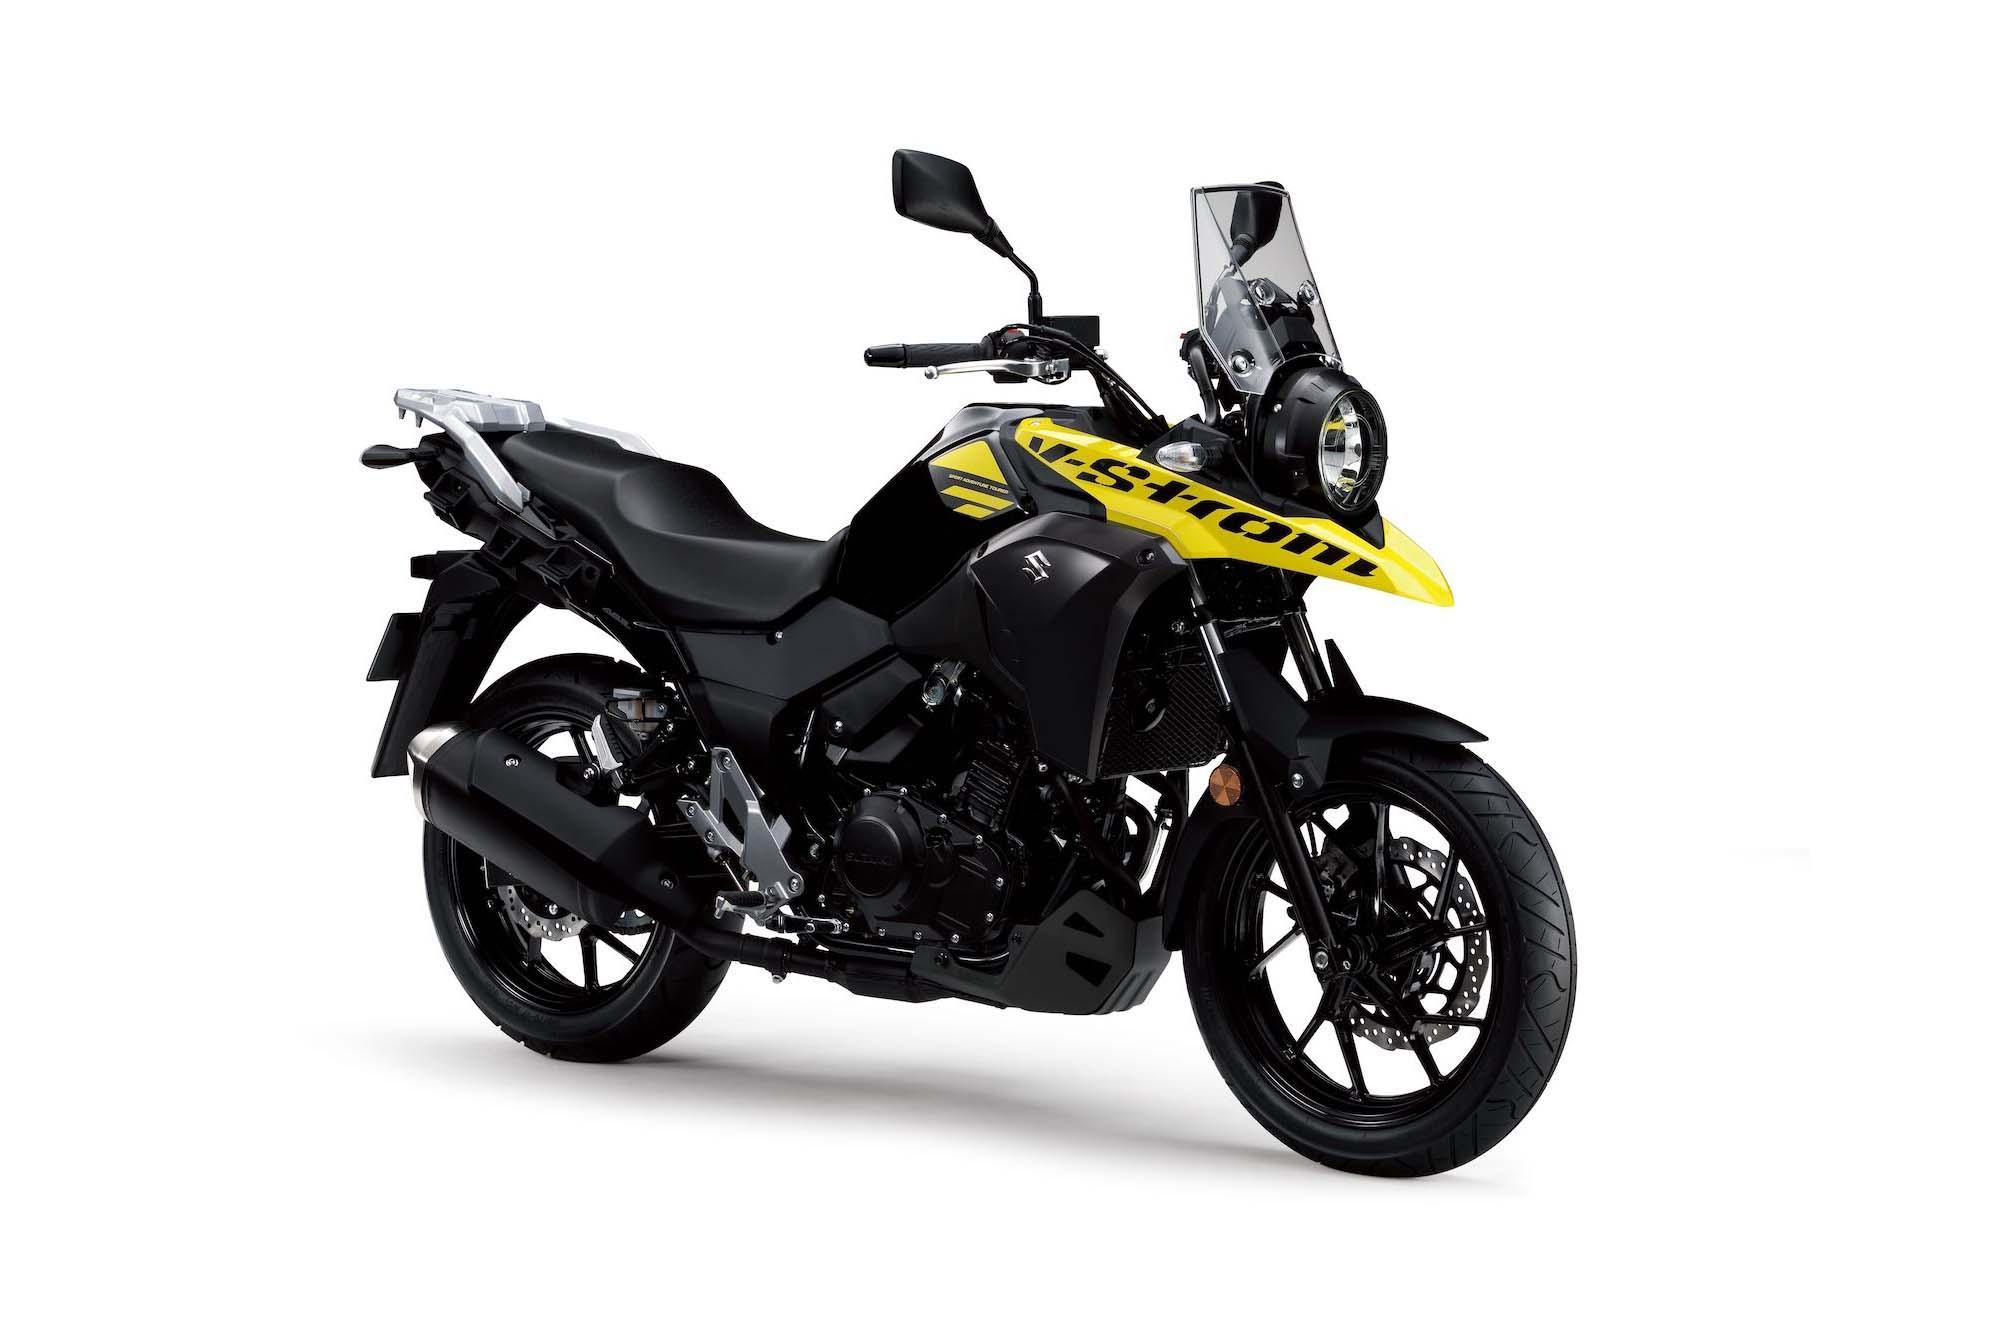 Suzuki Models In Usa